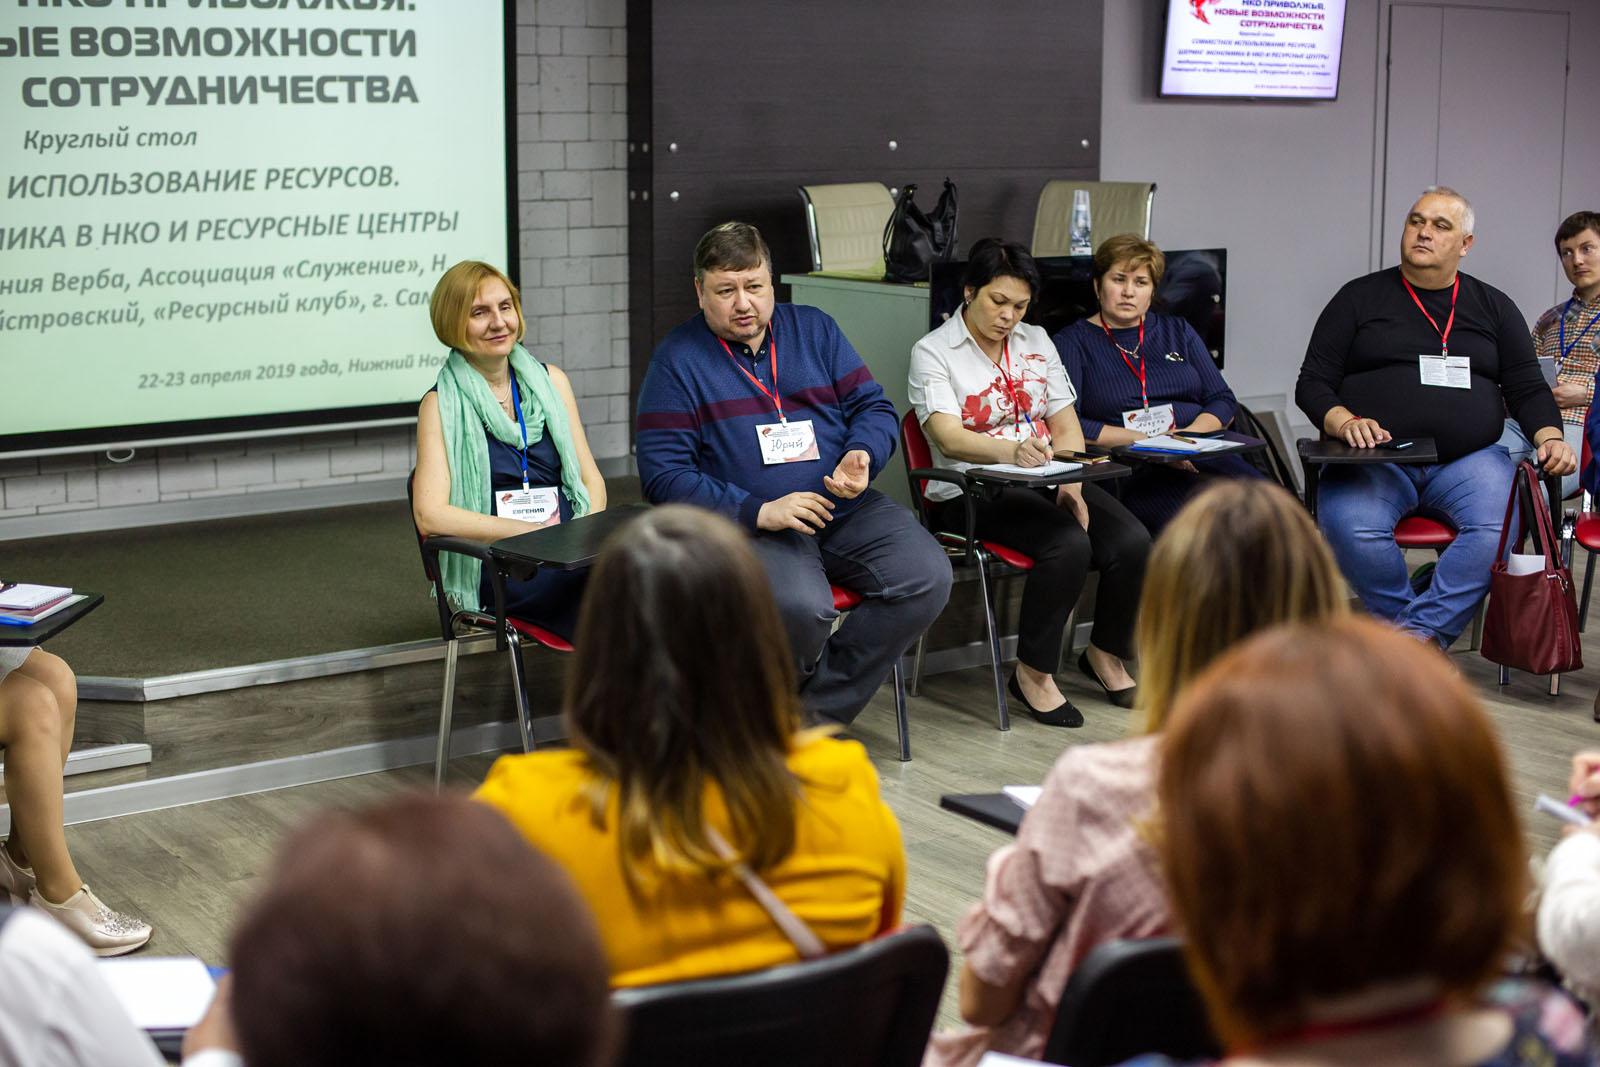 IV Ассамблея НКО ПФО, г.Нижний Новгород, 22.04.19